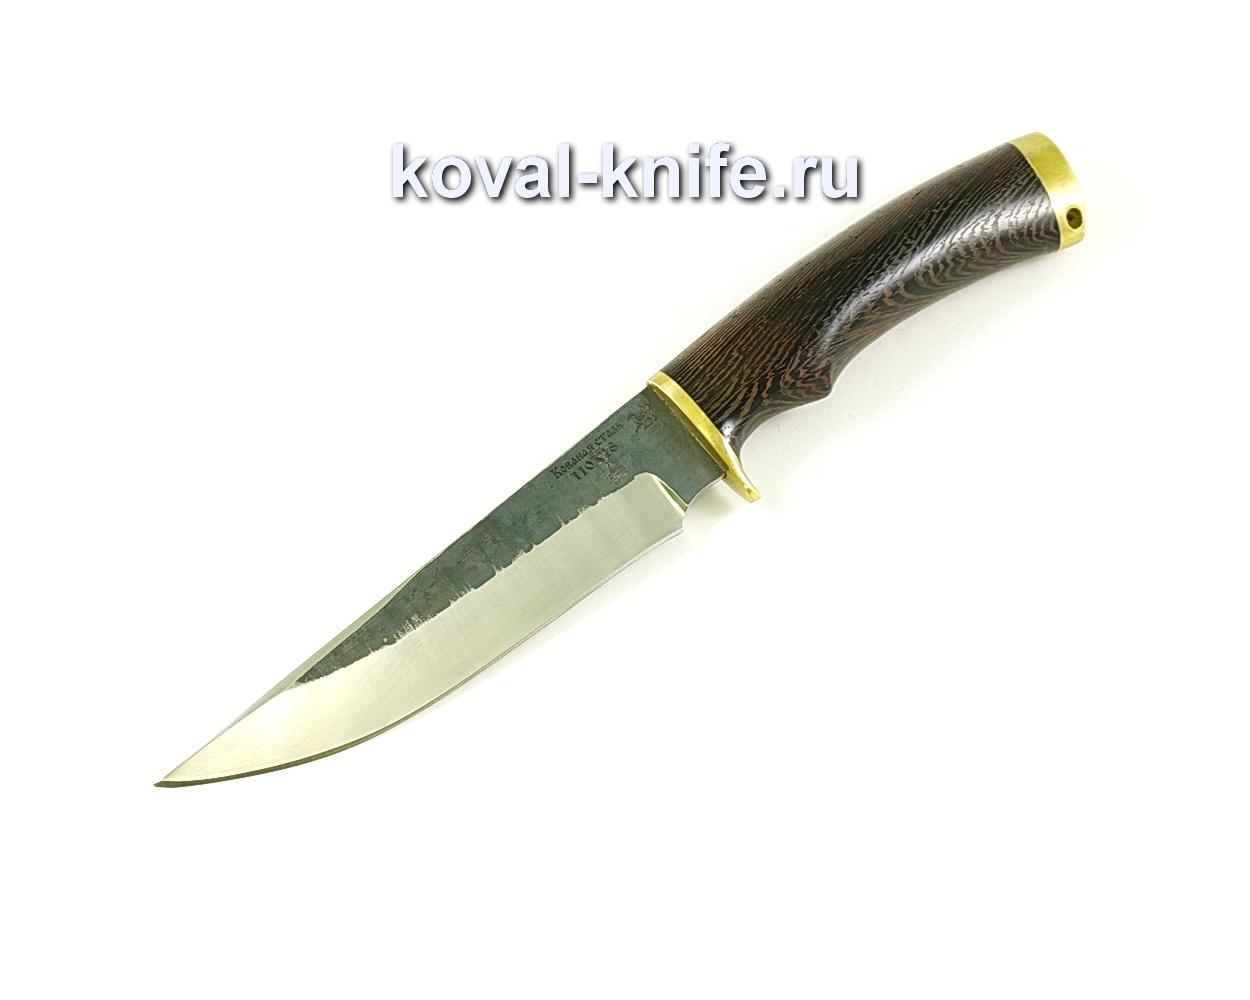 нож лис (сталь 110х18), рукоять венге, литье A041